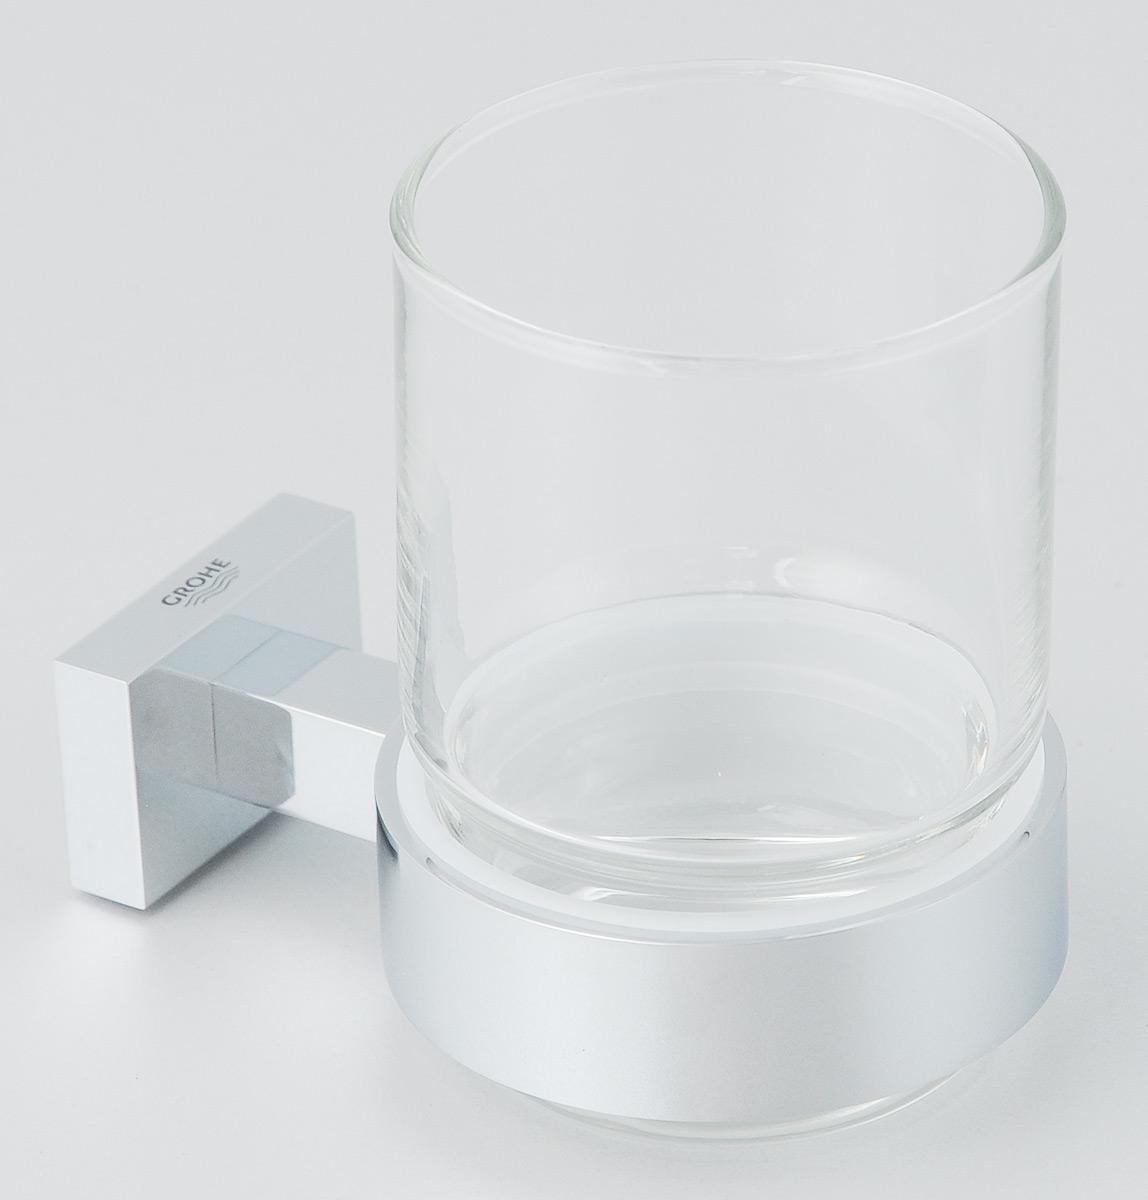 Стакан Grohe Essentials Cube, с держателемRG-D31SСтакан с держателем Grohe Essentials Cube очень практичен и функционален. Стакан выполнен из толстого стекла. Держатель изготовлен из металла с хромированным покрытием. Благодаря специальной технологии Grohe StarLight покрытие обеспечивает сияющий блеск на протяжении всего срока службы. Кроме того, оно отталкивает грязь, не тускнеет и обладает высокой степенью износостойкости. Стакан крепится к стене (крепежные элементы поставляются в комплекте). Крепление скрытое.Благодаря неизменно актуальному дизайну и долговечному хромированному покрытию, такой стакан отлично дополнит интерьер ванной комнаты, воплощая собой изысканный стиль и превосходное качество.Диаметр стакана: 7 см. Высота стакана: 9,5 см.Размер (с держателем): 11 х 7 х 9,5 см.